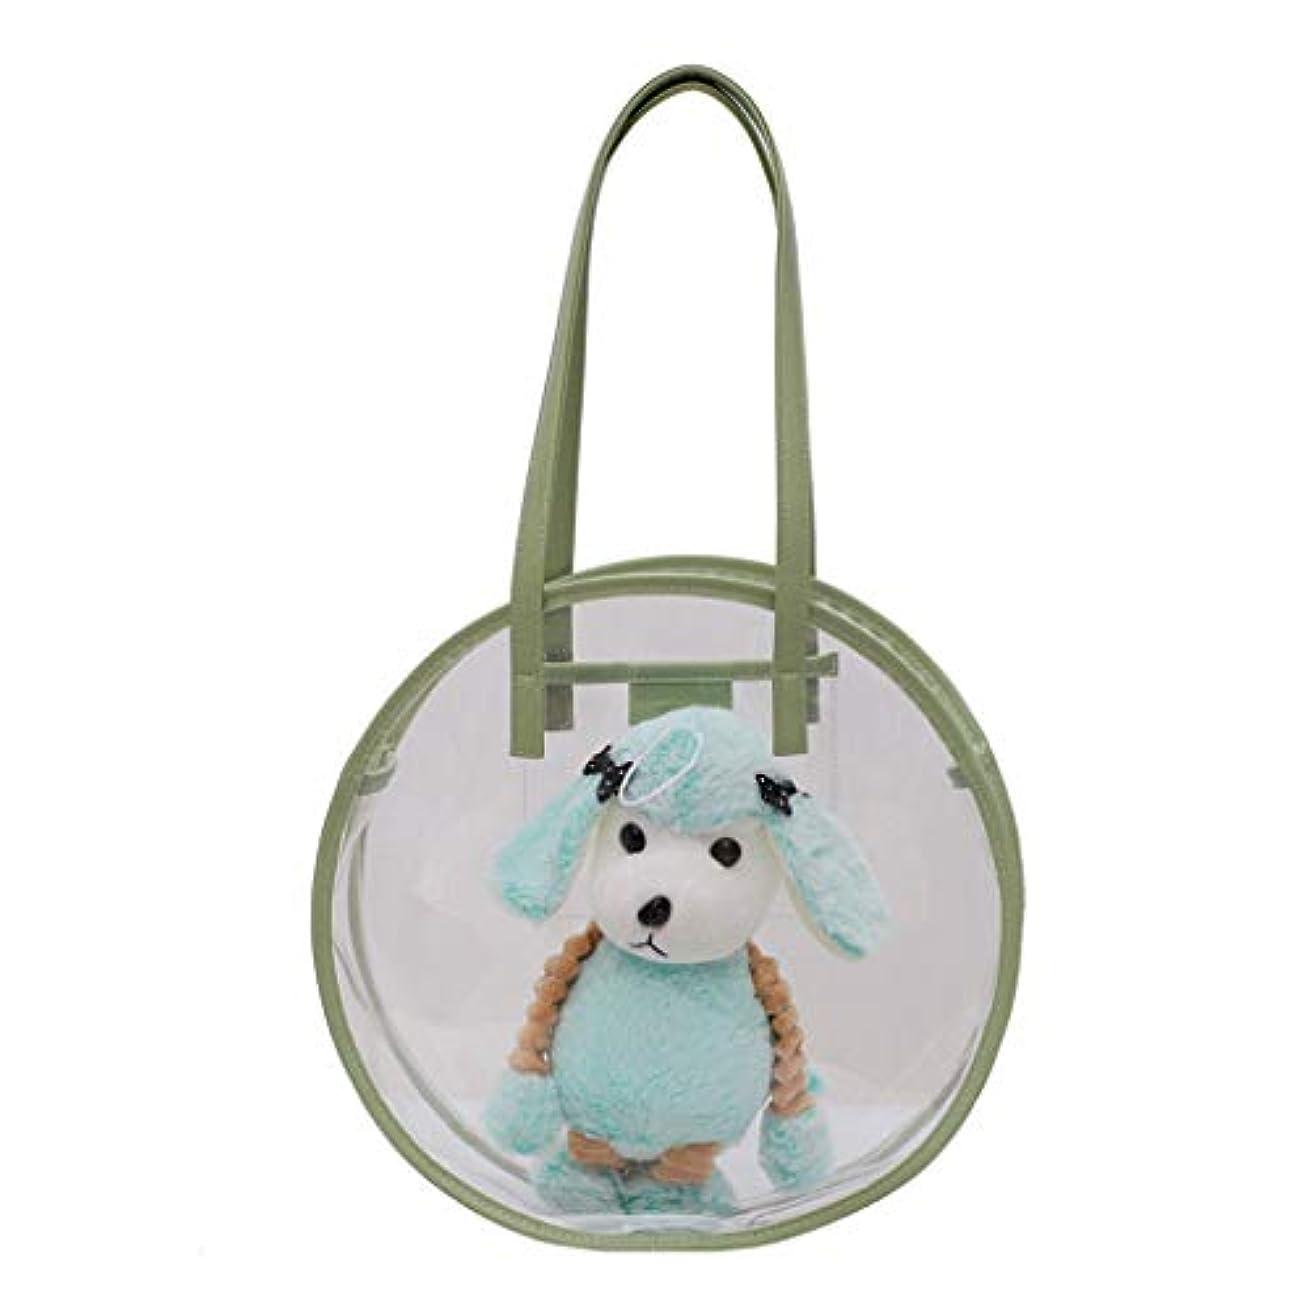 先楽しいから聞くかわいいファッション 犬の特徴 透明防水 ビーチバッグ ポータブル 透明化粧品バッグ 旅行用メイクポーチ ジッパー 防水 トートバッグ 取り外し可能 調整 33X9X33cm 3色